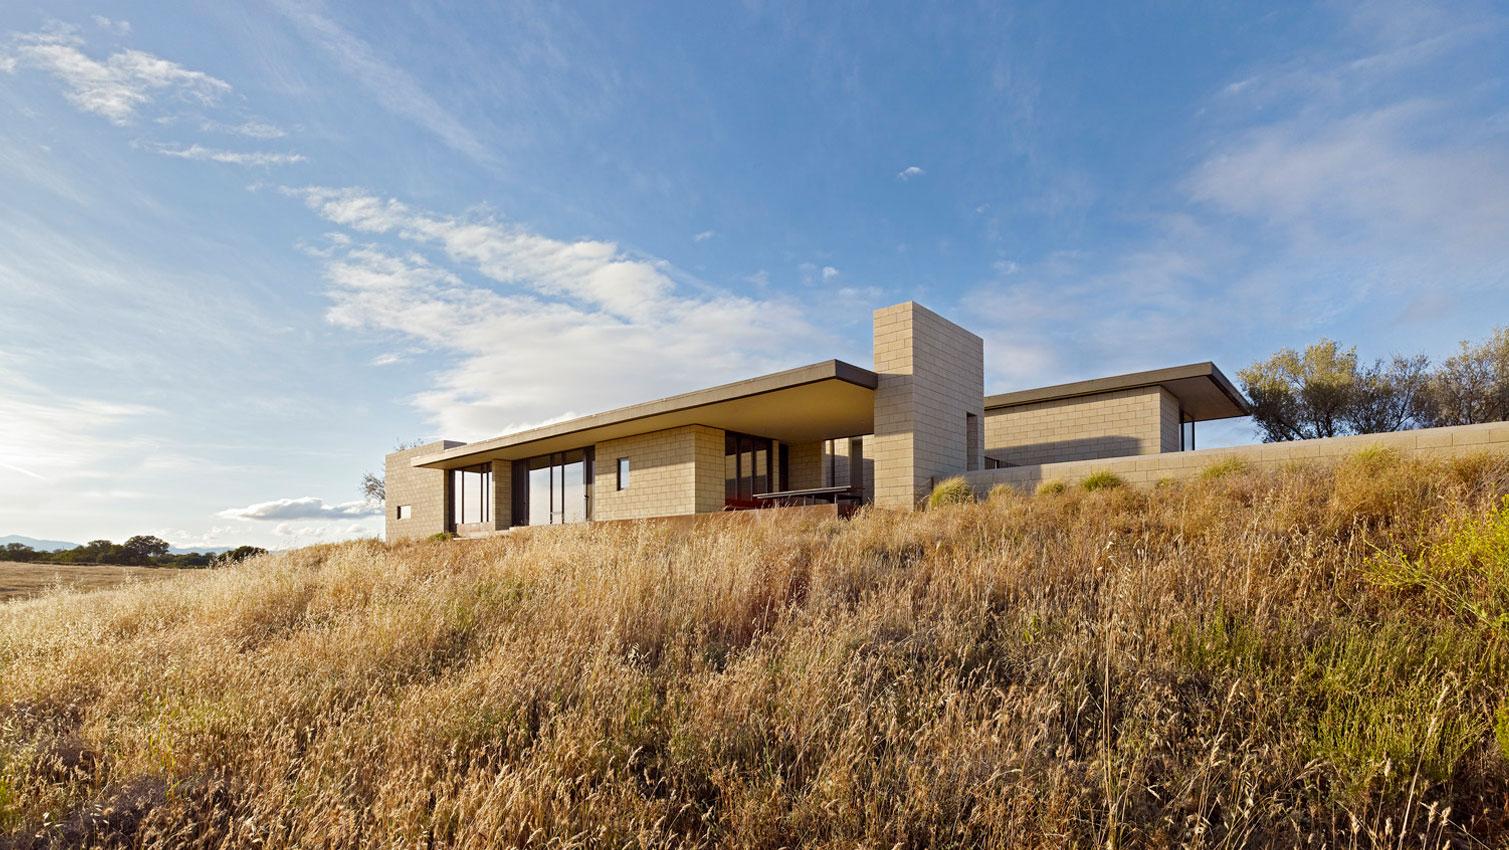 Dise o de casa moderna de un piso de ladrillo caravista for Casa moderna design